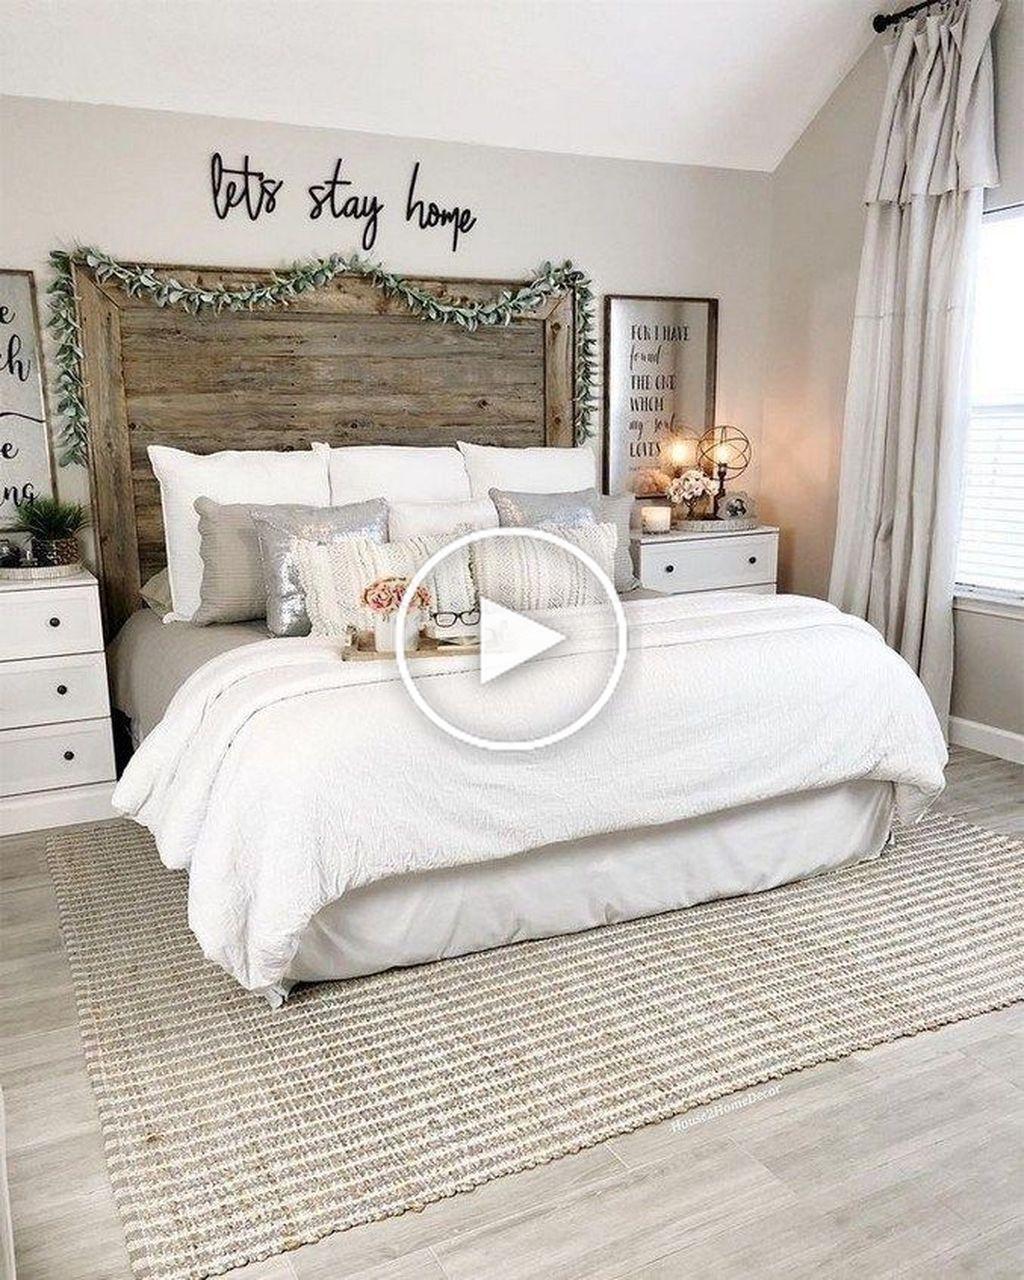 30 Magnifiques Idees De Renovation De Chambre De Ferme A Petit Budget Rustic Master Bedroom Farmhouse Style Master Bedroom Master Bedrooms Decor